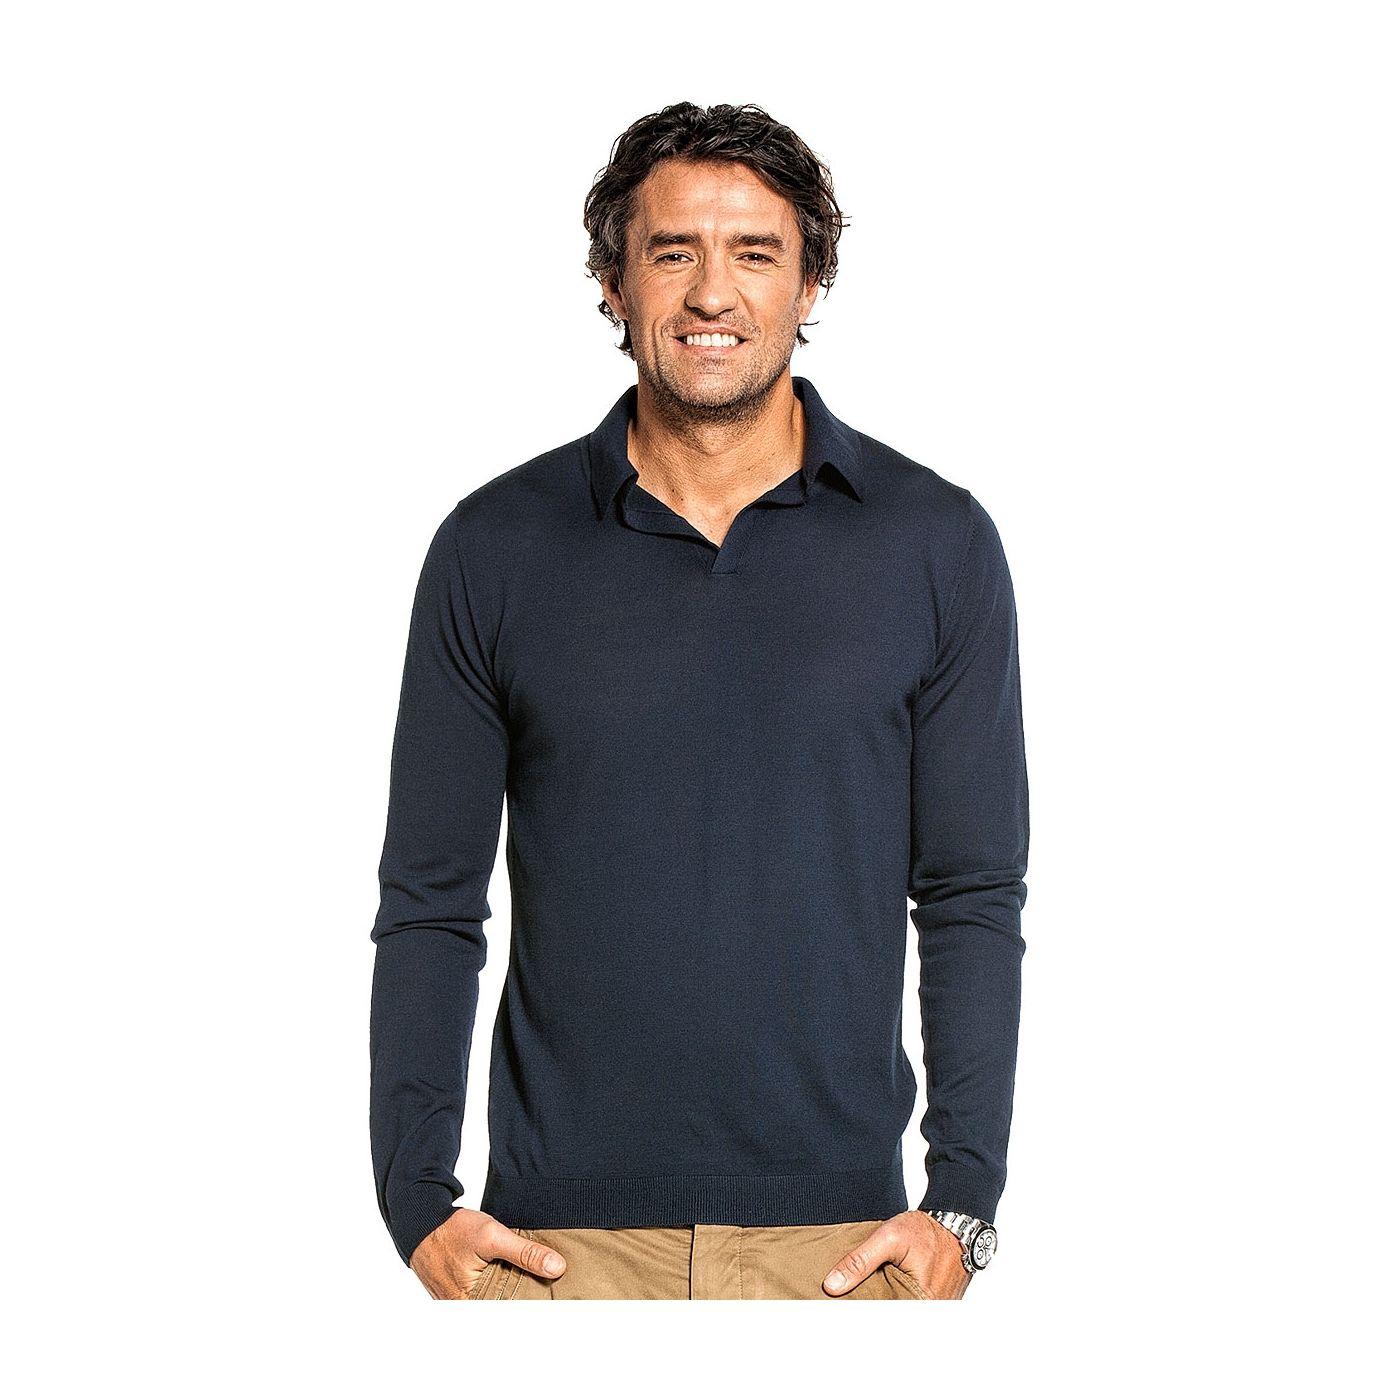 Riva Long Sleeve voor mannen gemaakt van merinowol in het Donkerblauw